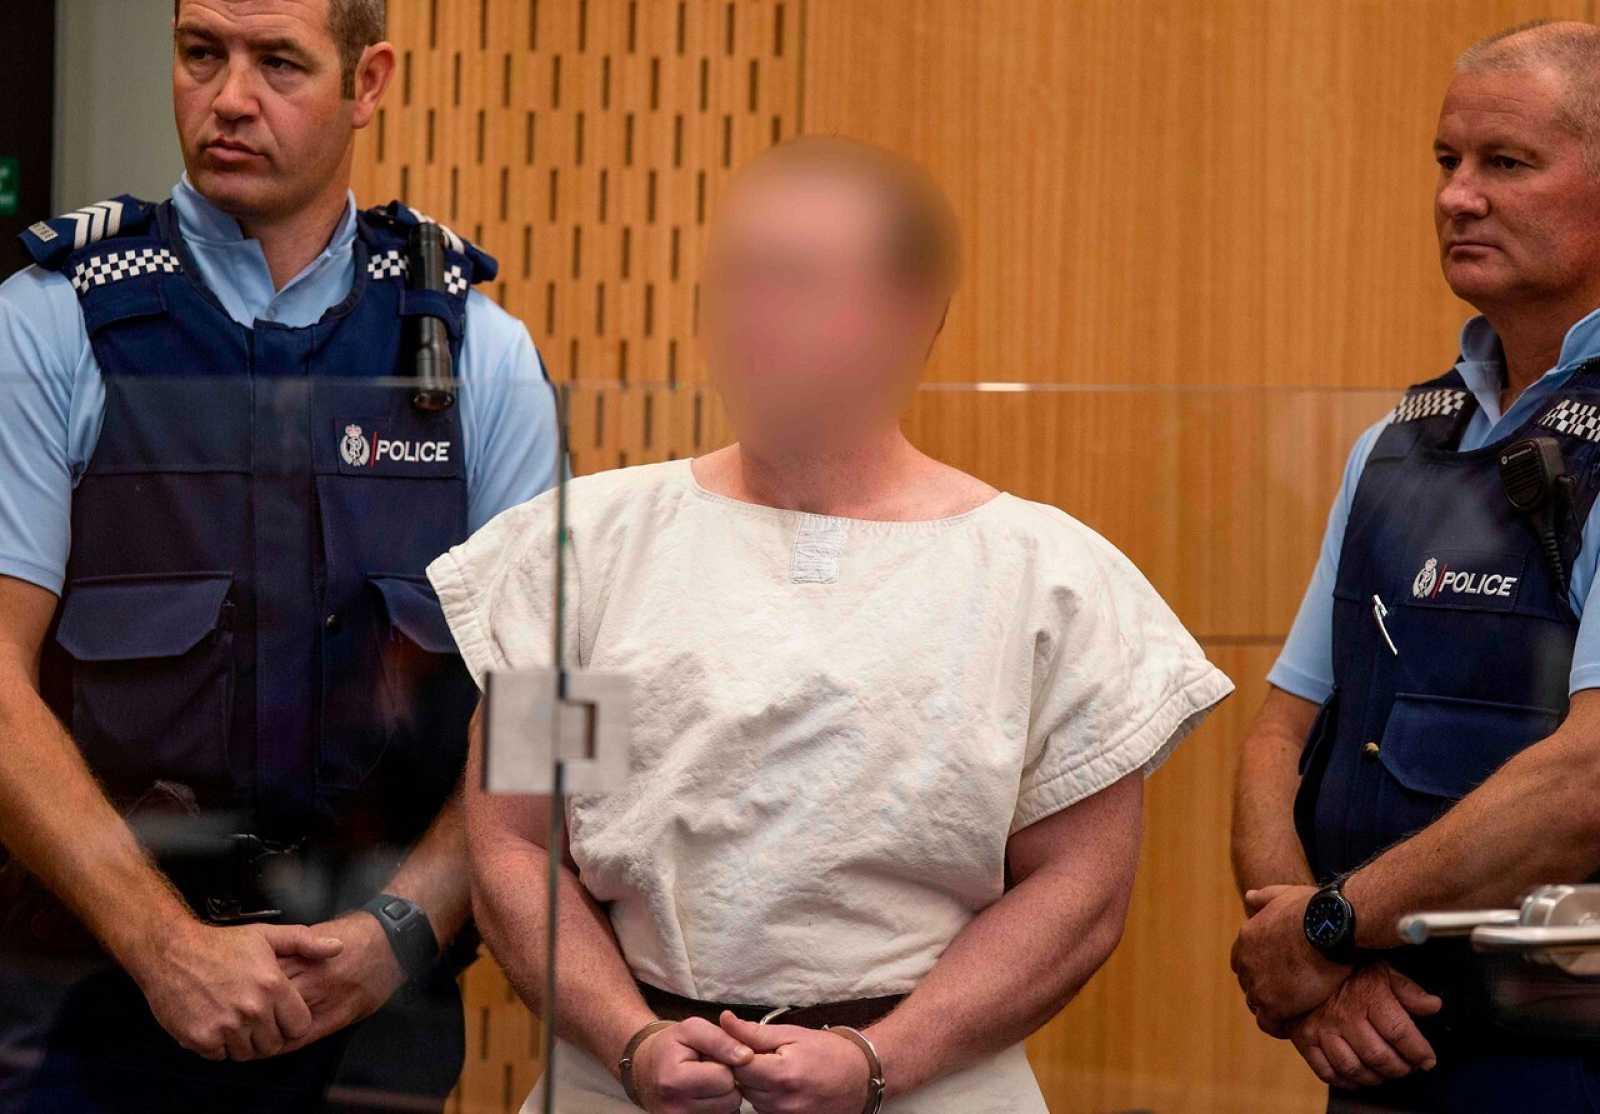 Foto de archivo de Brenton Tarrant, autor confeso de los atentados de Christchurch